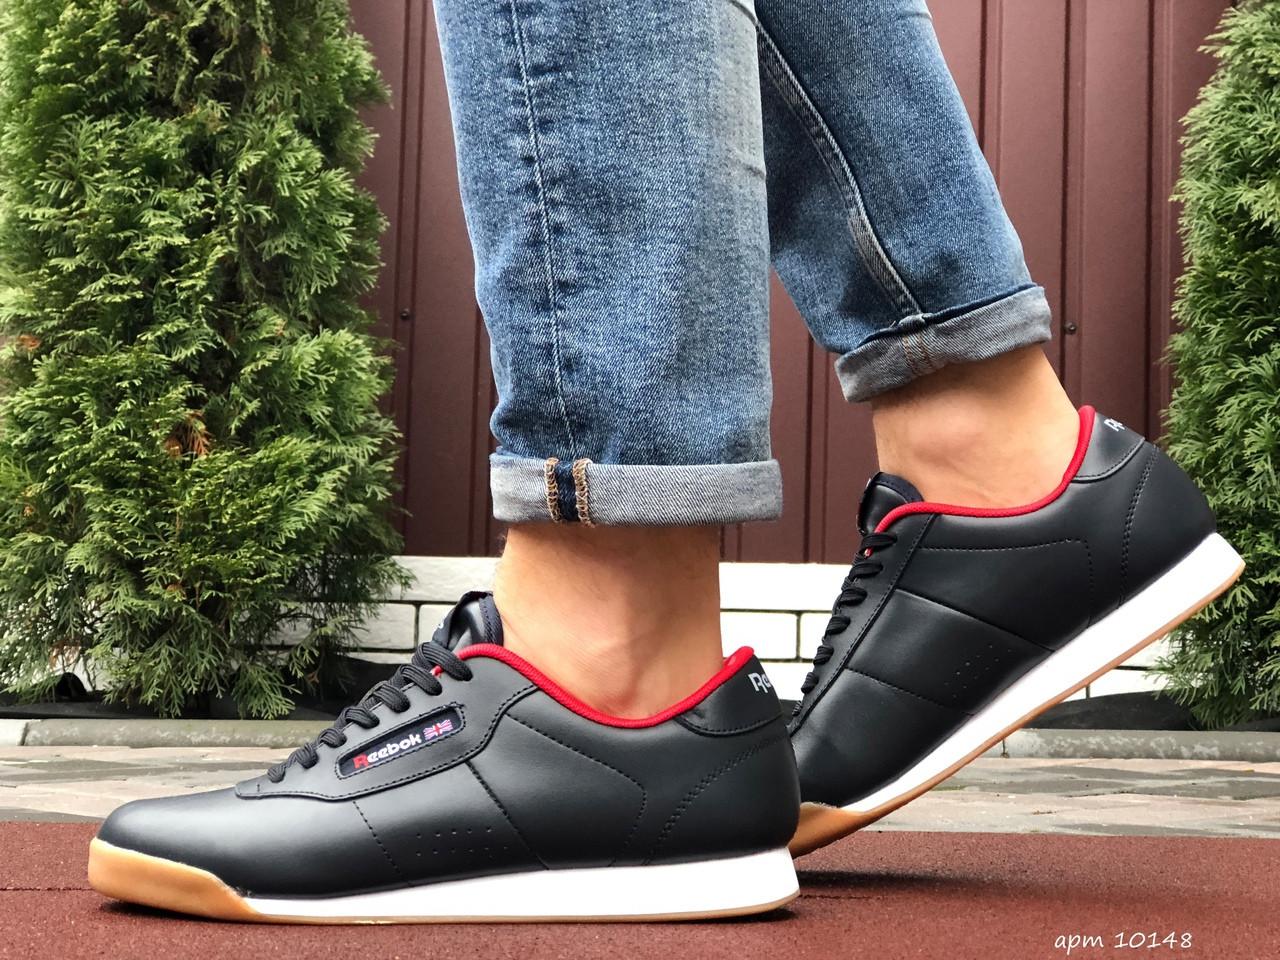 Весенние мужские кроссовки Reebok (темно-синие) 10148 спортивные модные легкие кроссы